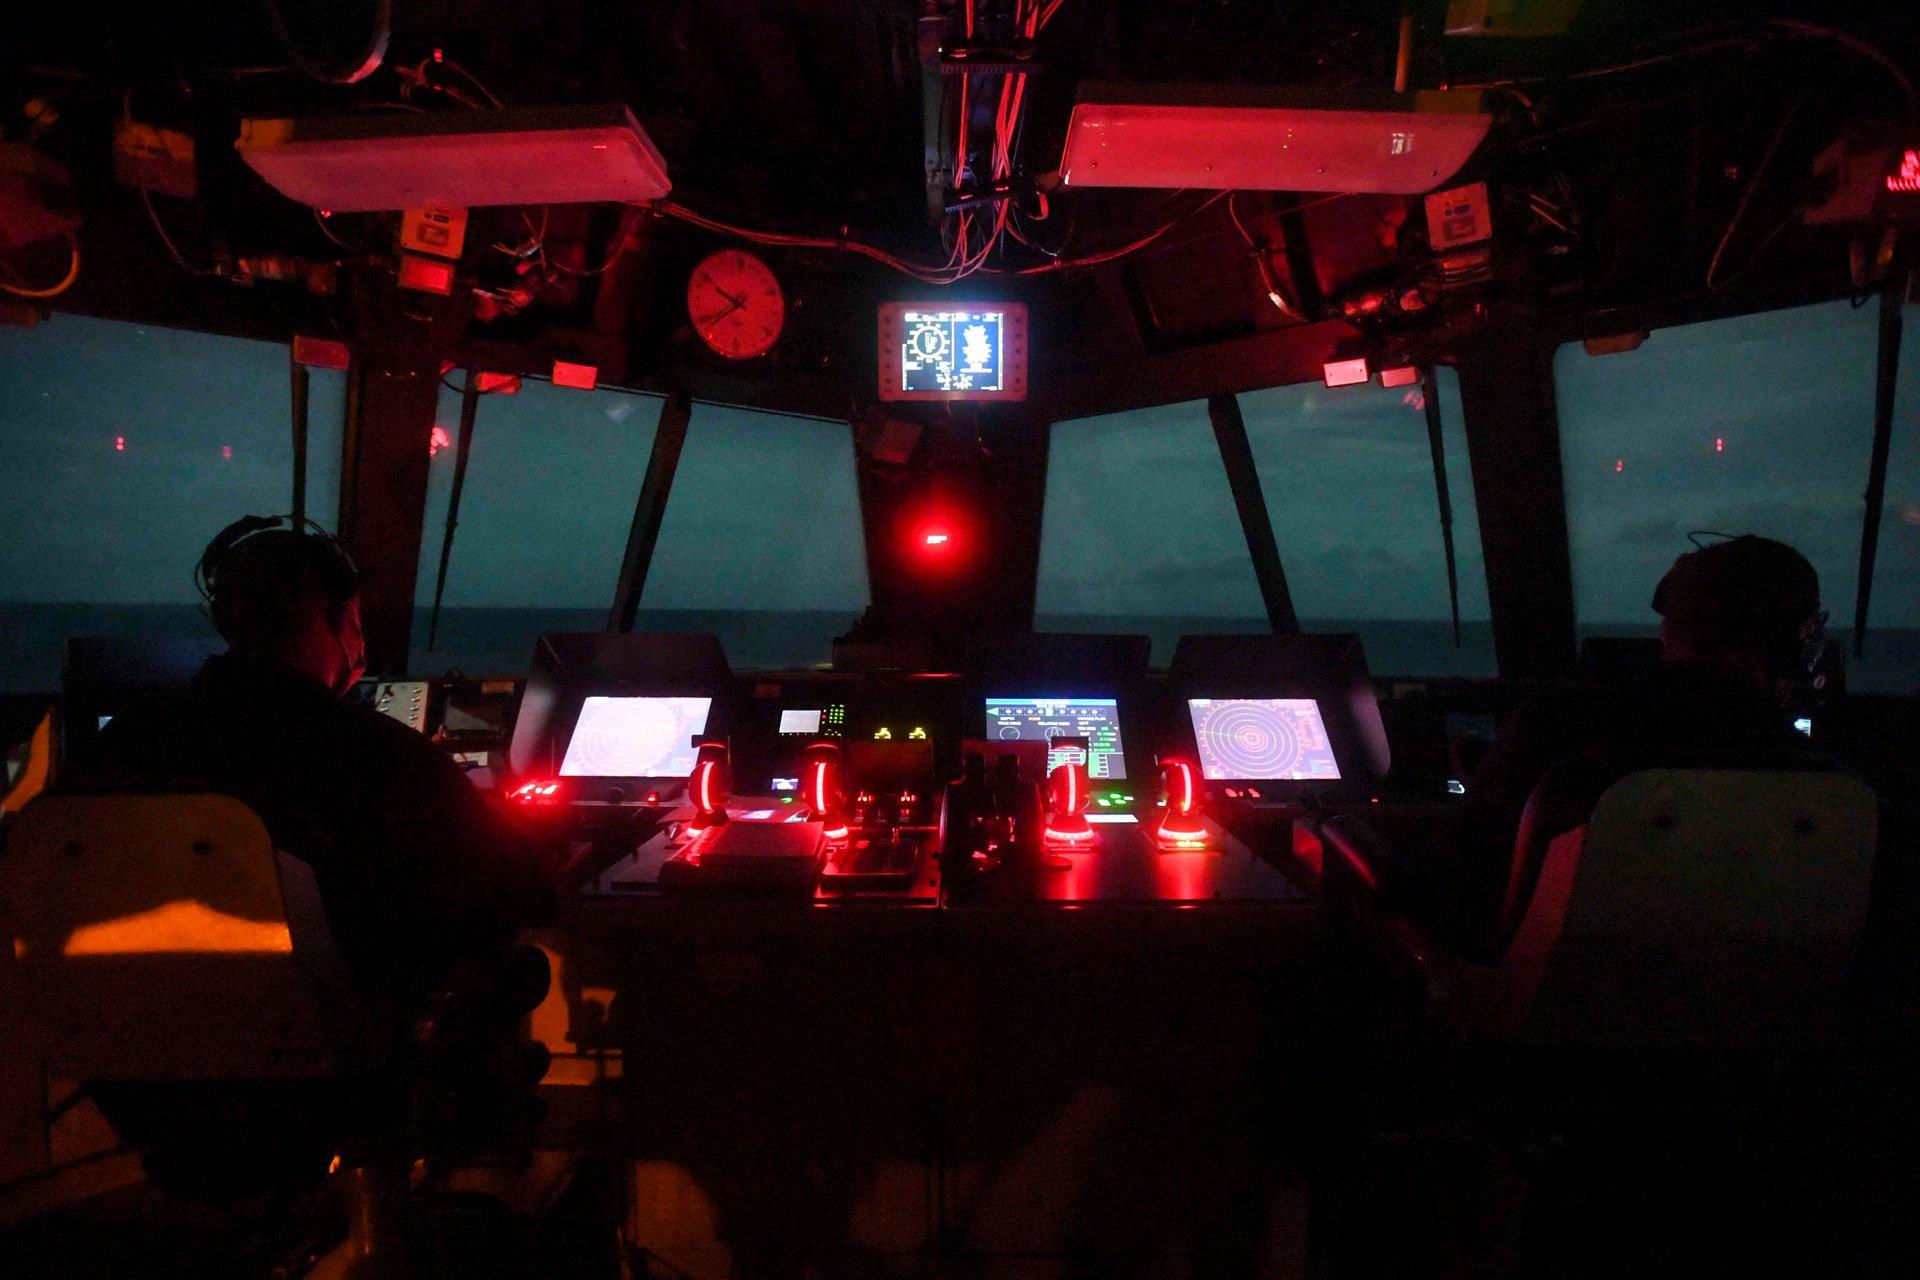 Two Men Sitting In Navy Vessel